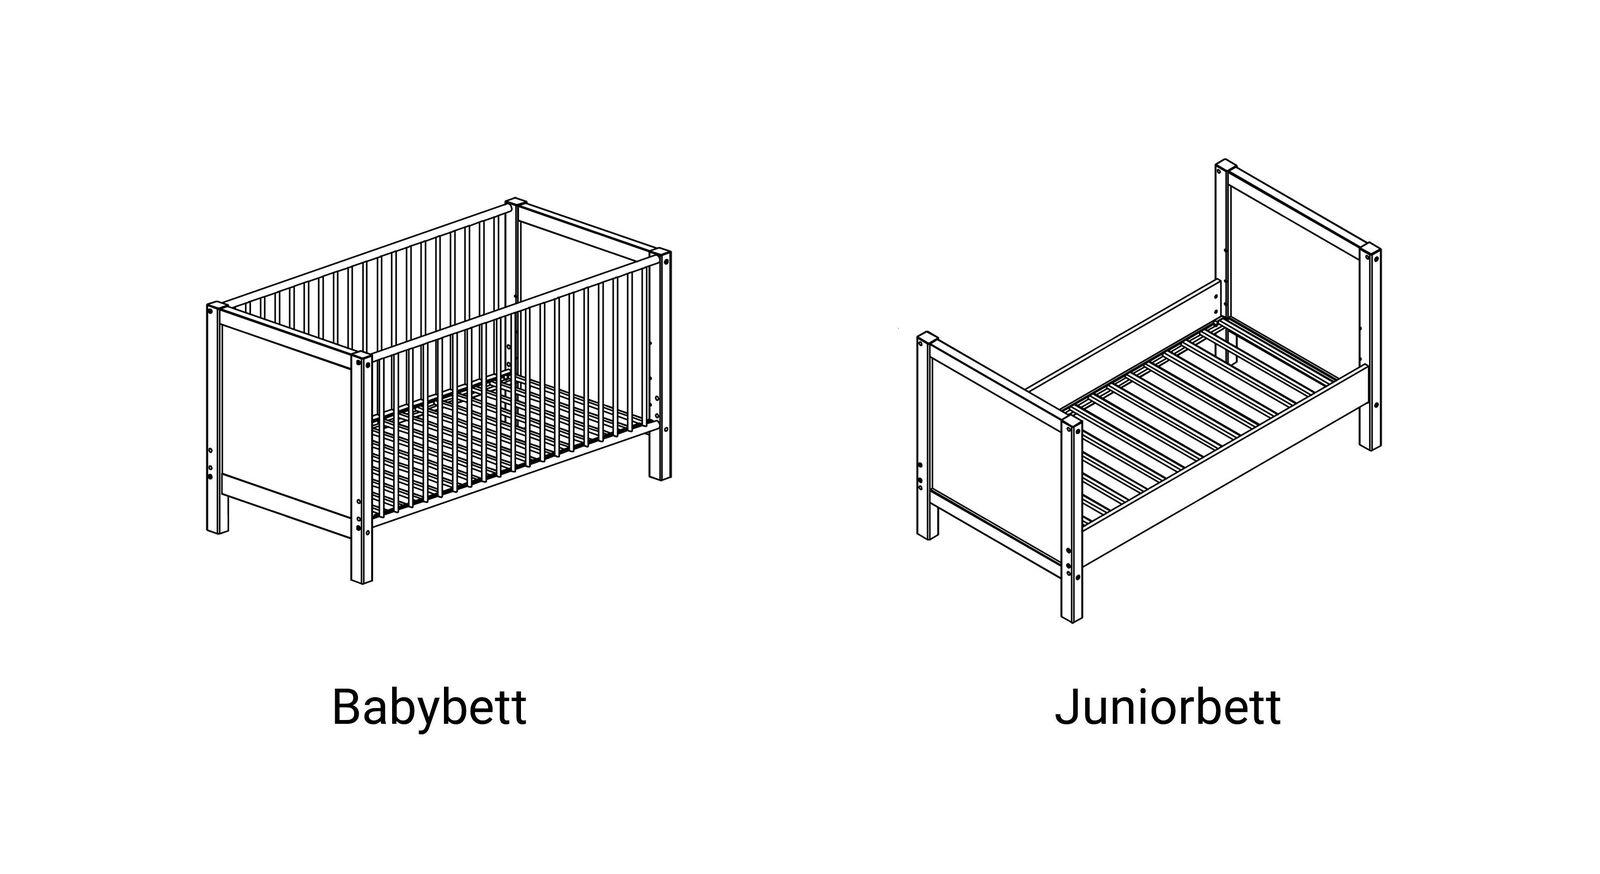 Grafik zum kinderleichten Umbau des Babybettes